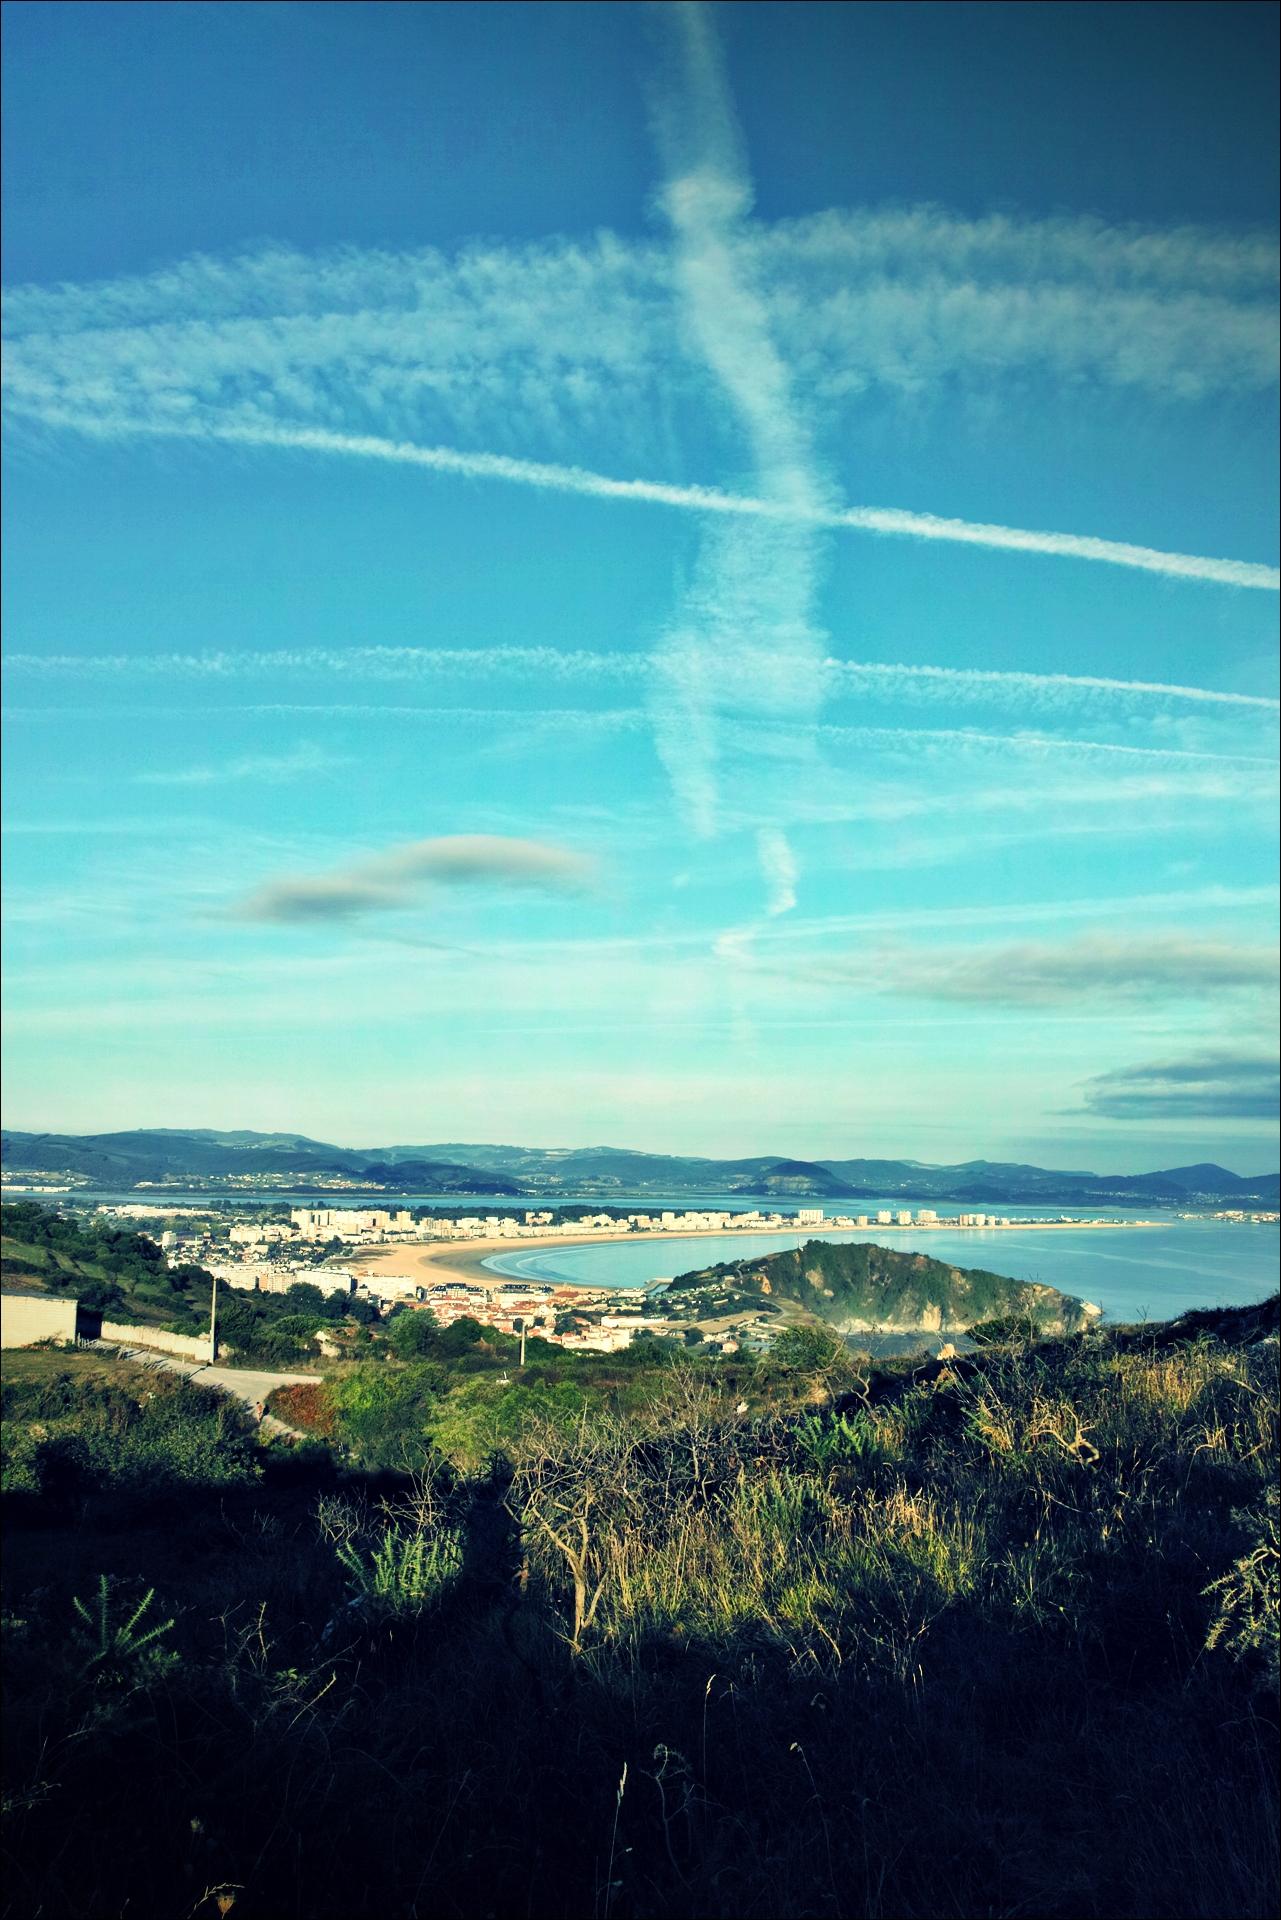 도시 위로 승천하는 구름-'카미노 데 산티아고 북쪽길. 리엔도에서 산토냐. (Camino del Norte - Liendo to Santoña) '